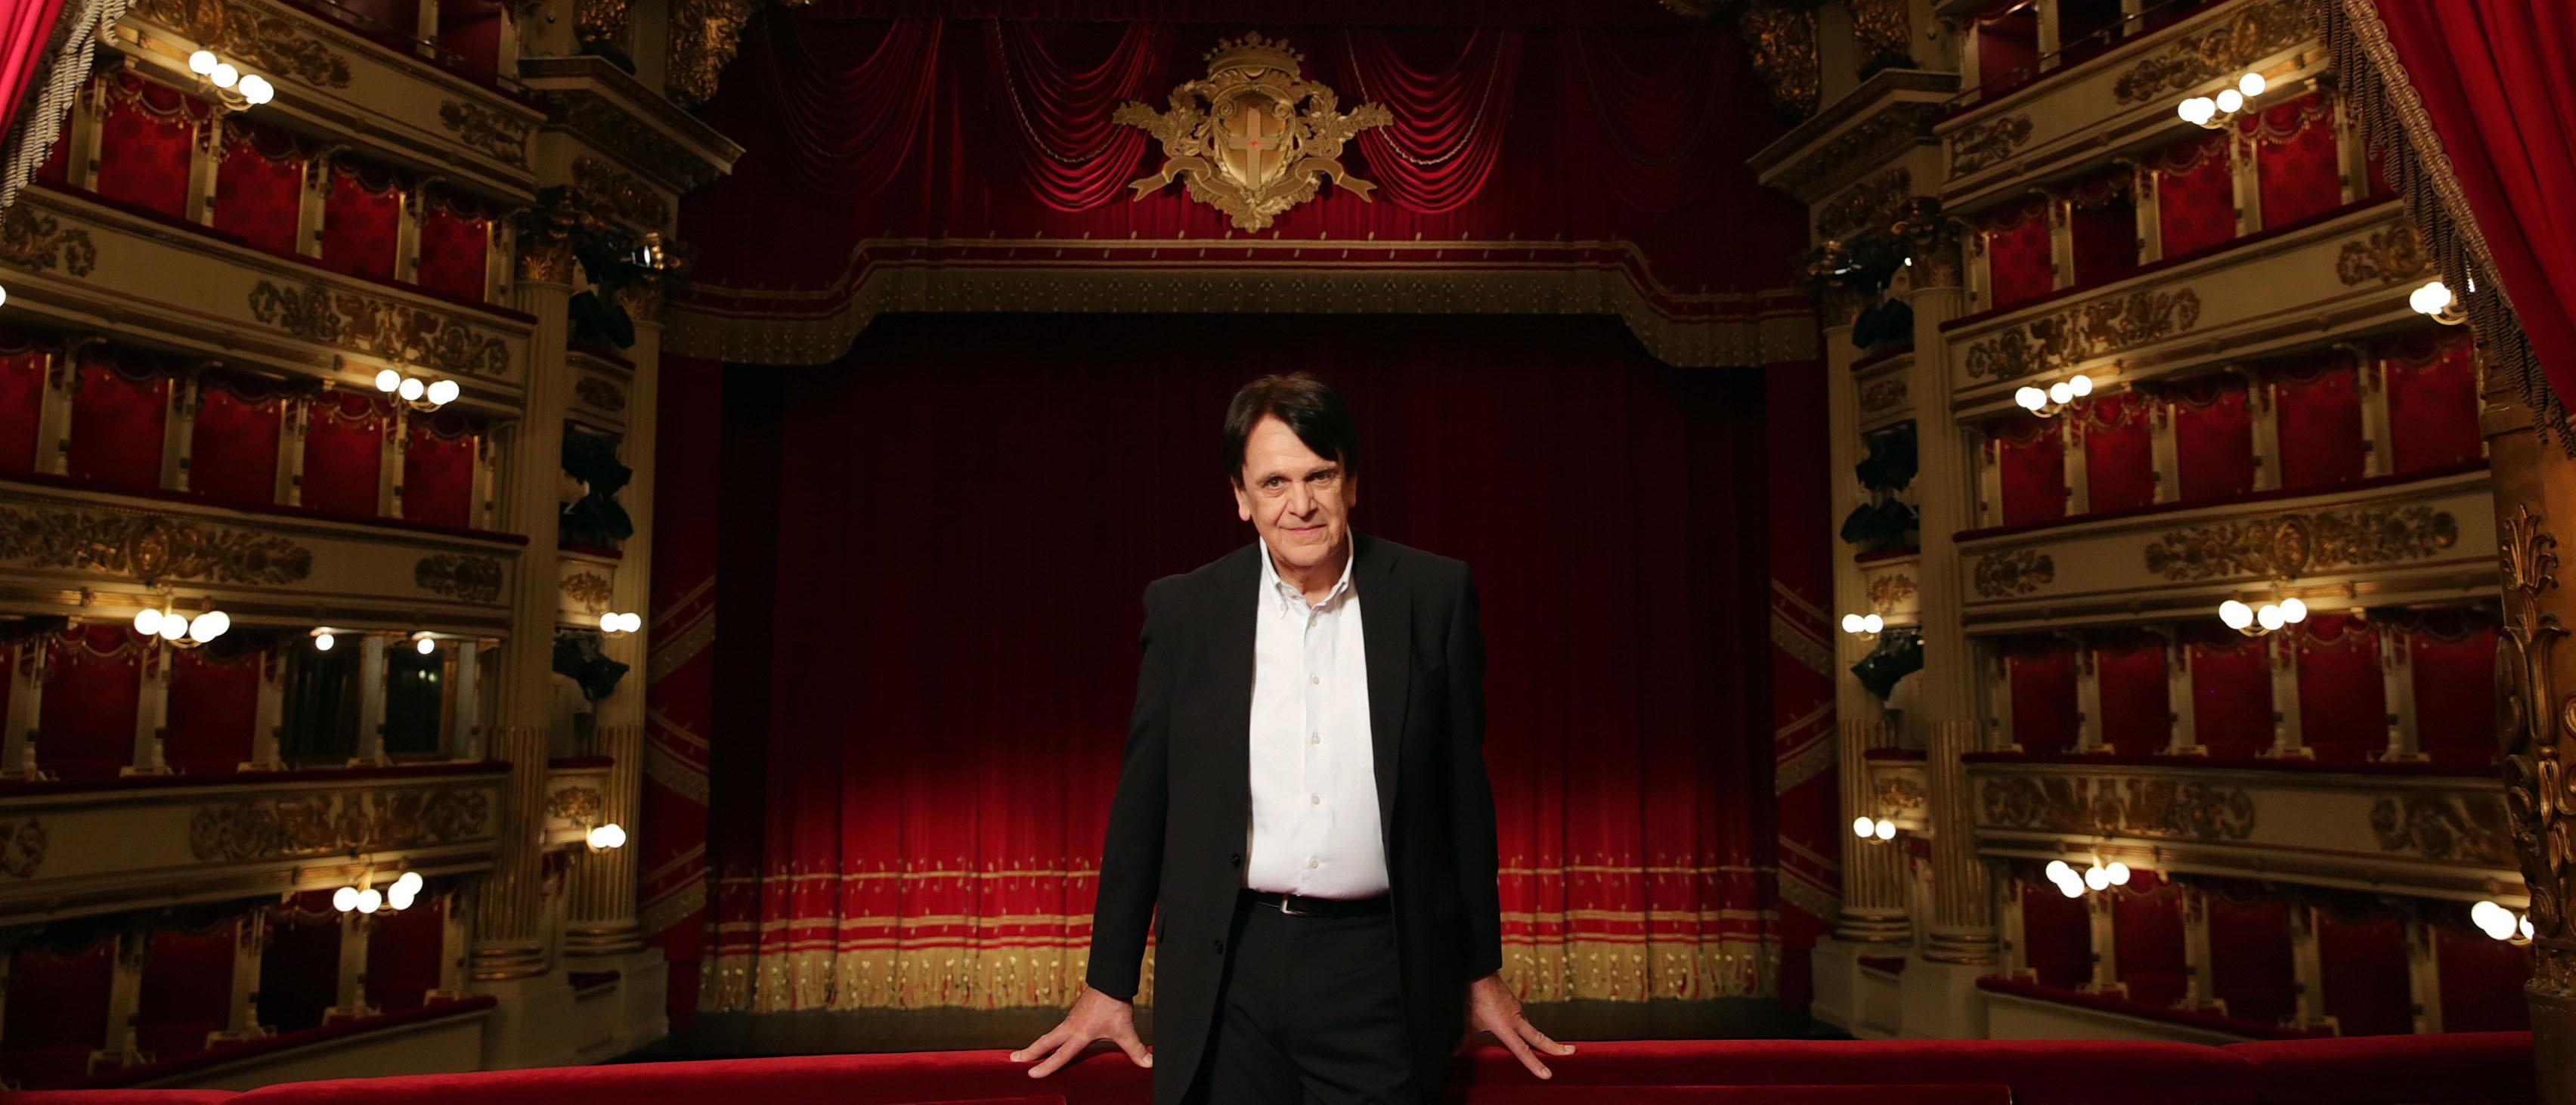 Fabio Vacchi at Teatro alla Scala